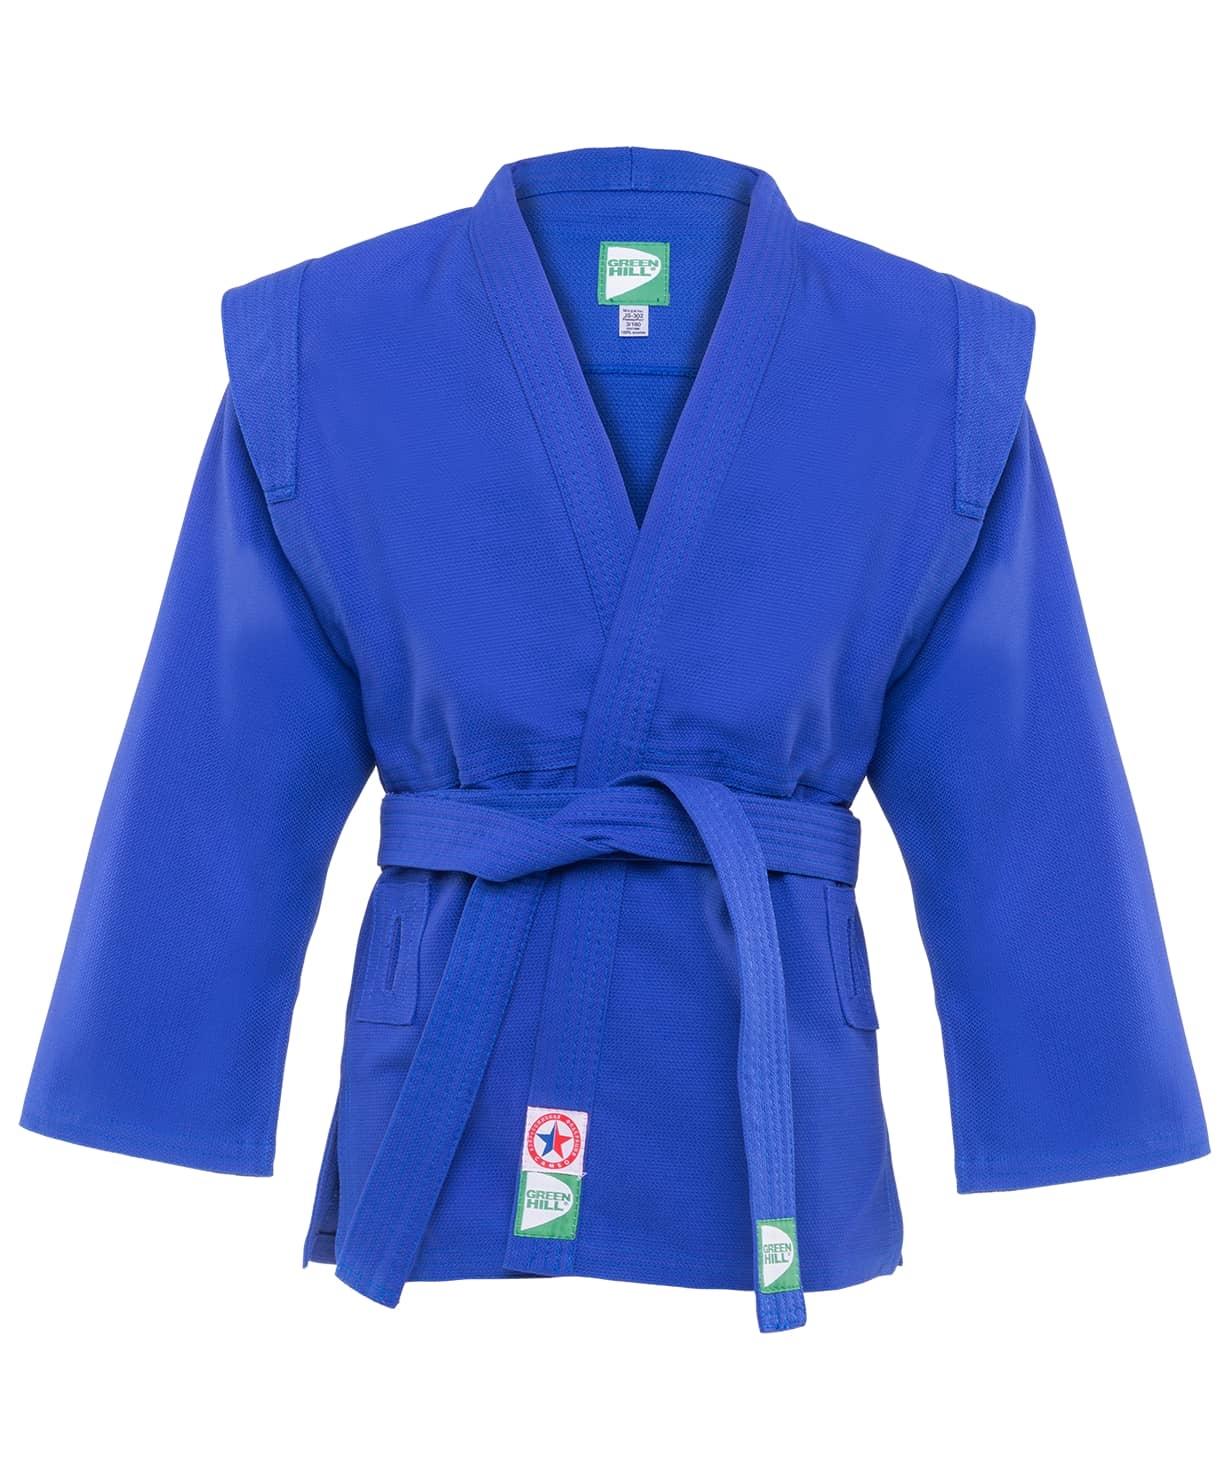 Куртка для самбо JS-302, синяя, р.6/190